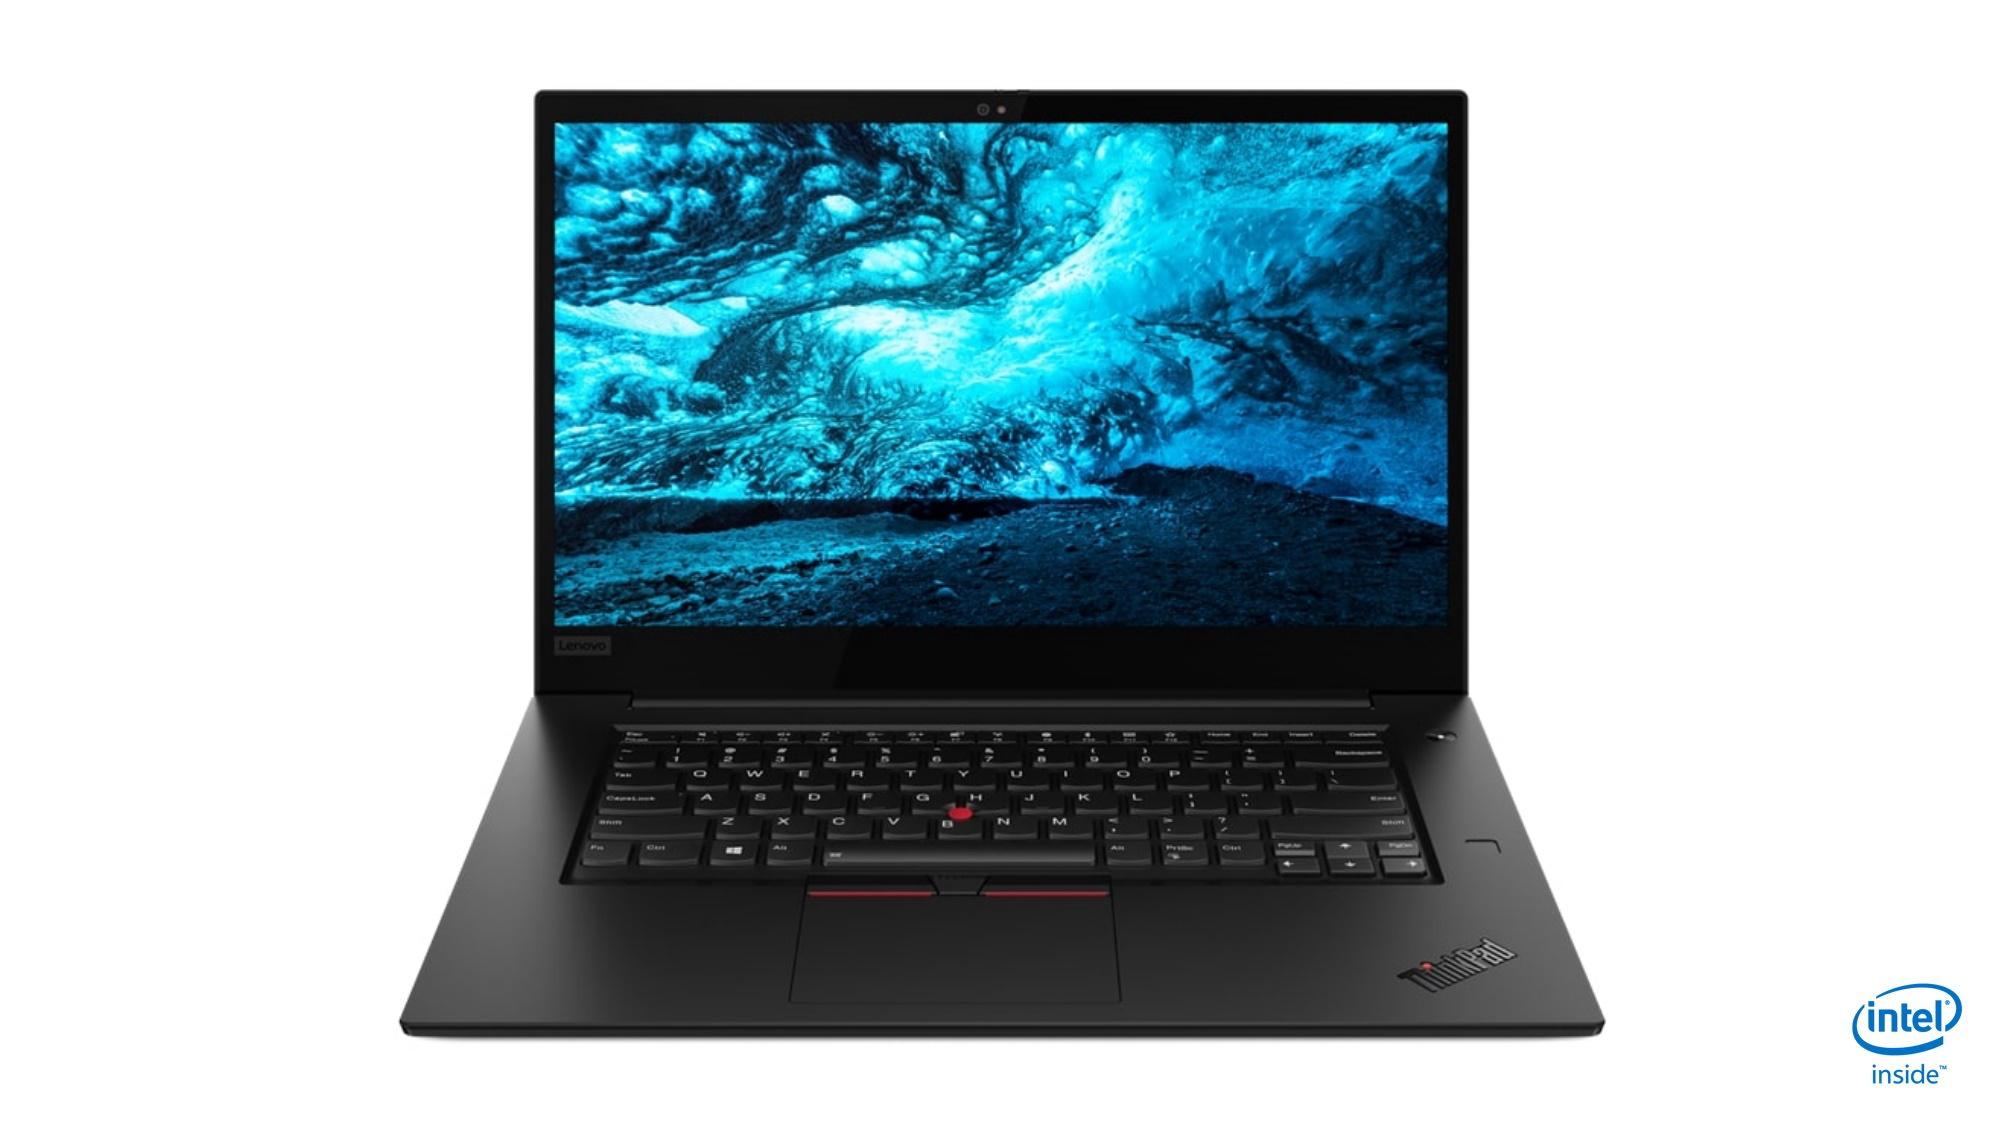 Lenovo ThinkPad X1 Extreme 2nd